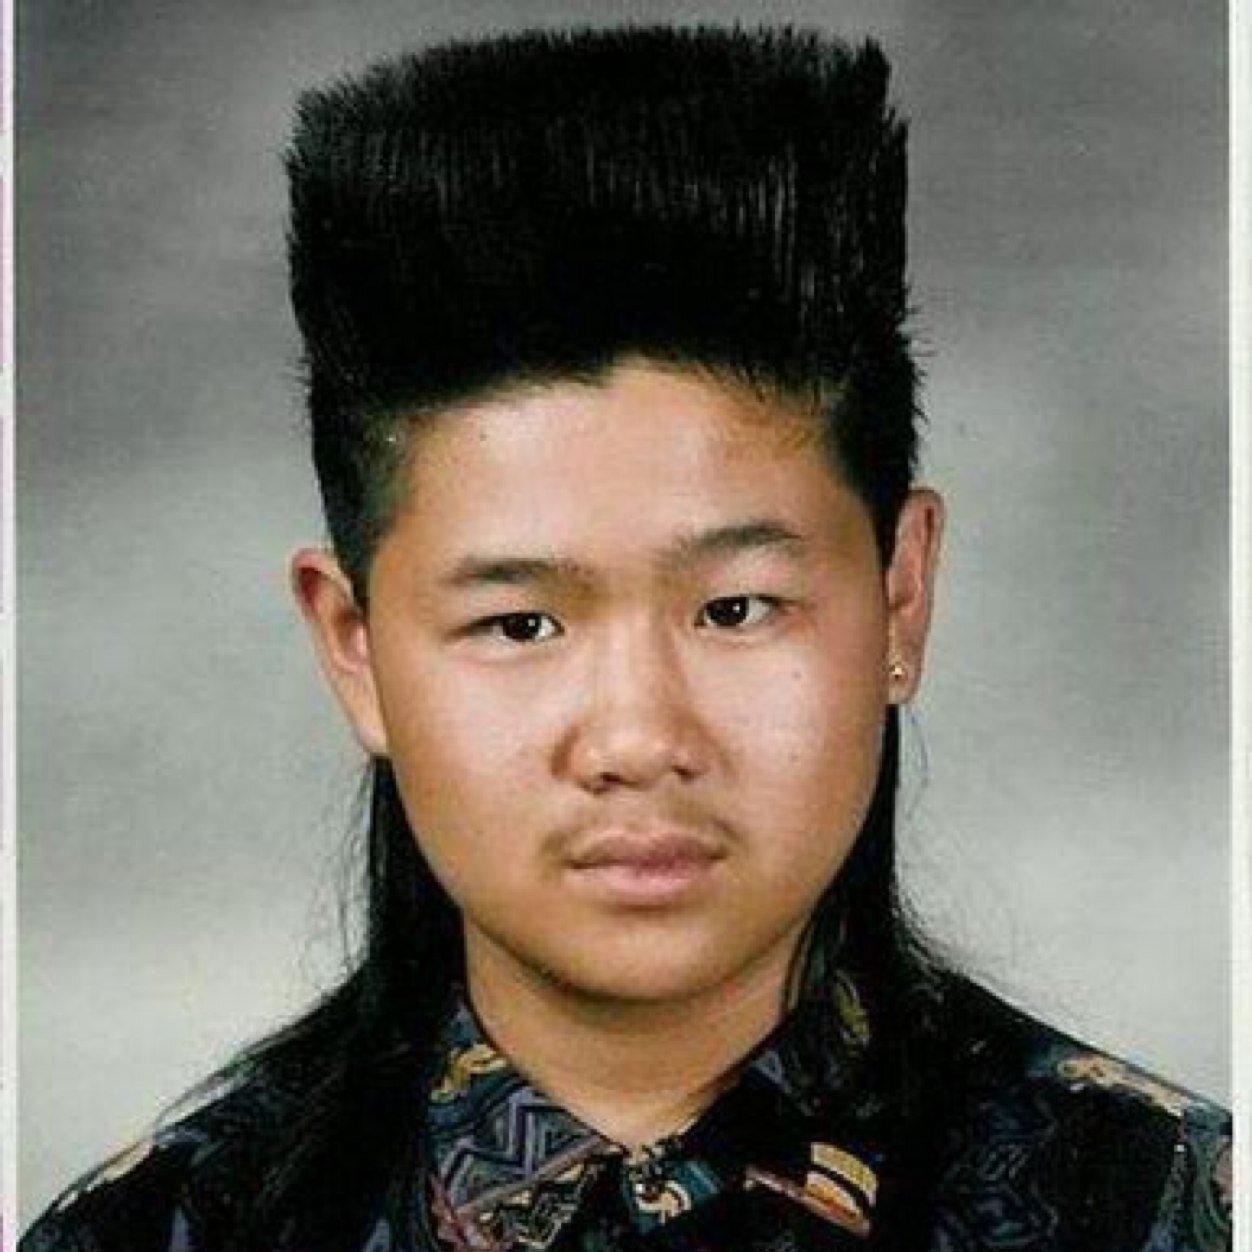 Причёски 90 годов фото мужчины